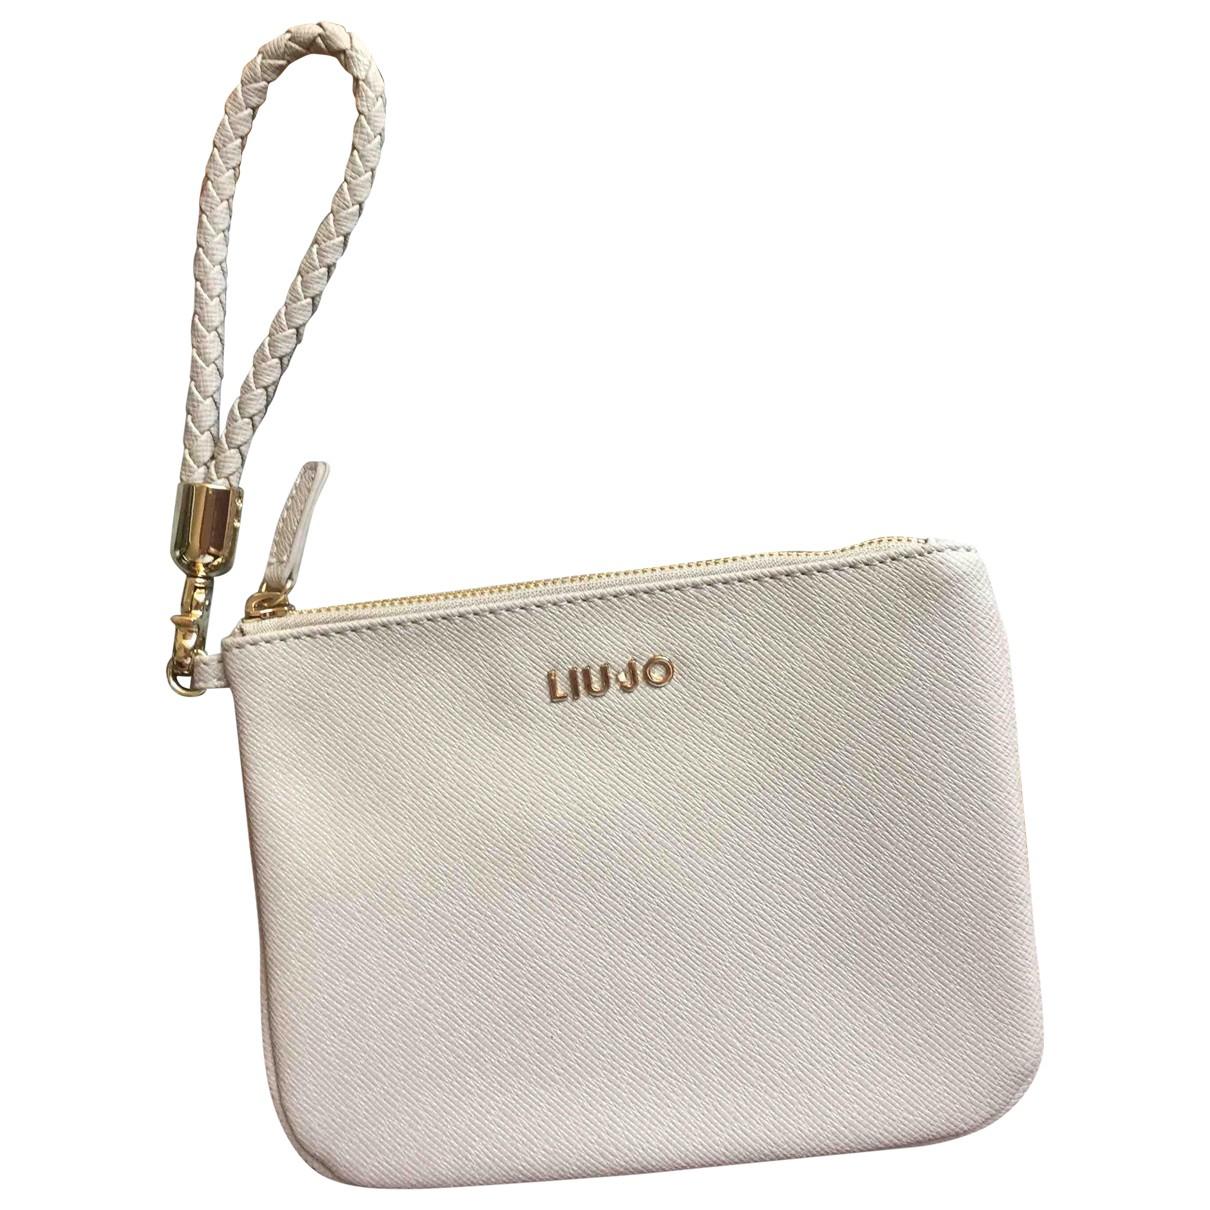 Liu.jo \N Beige Purses, wallet & cases for Women \N